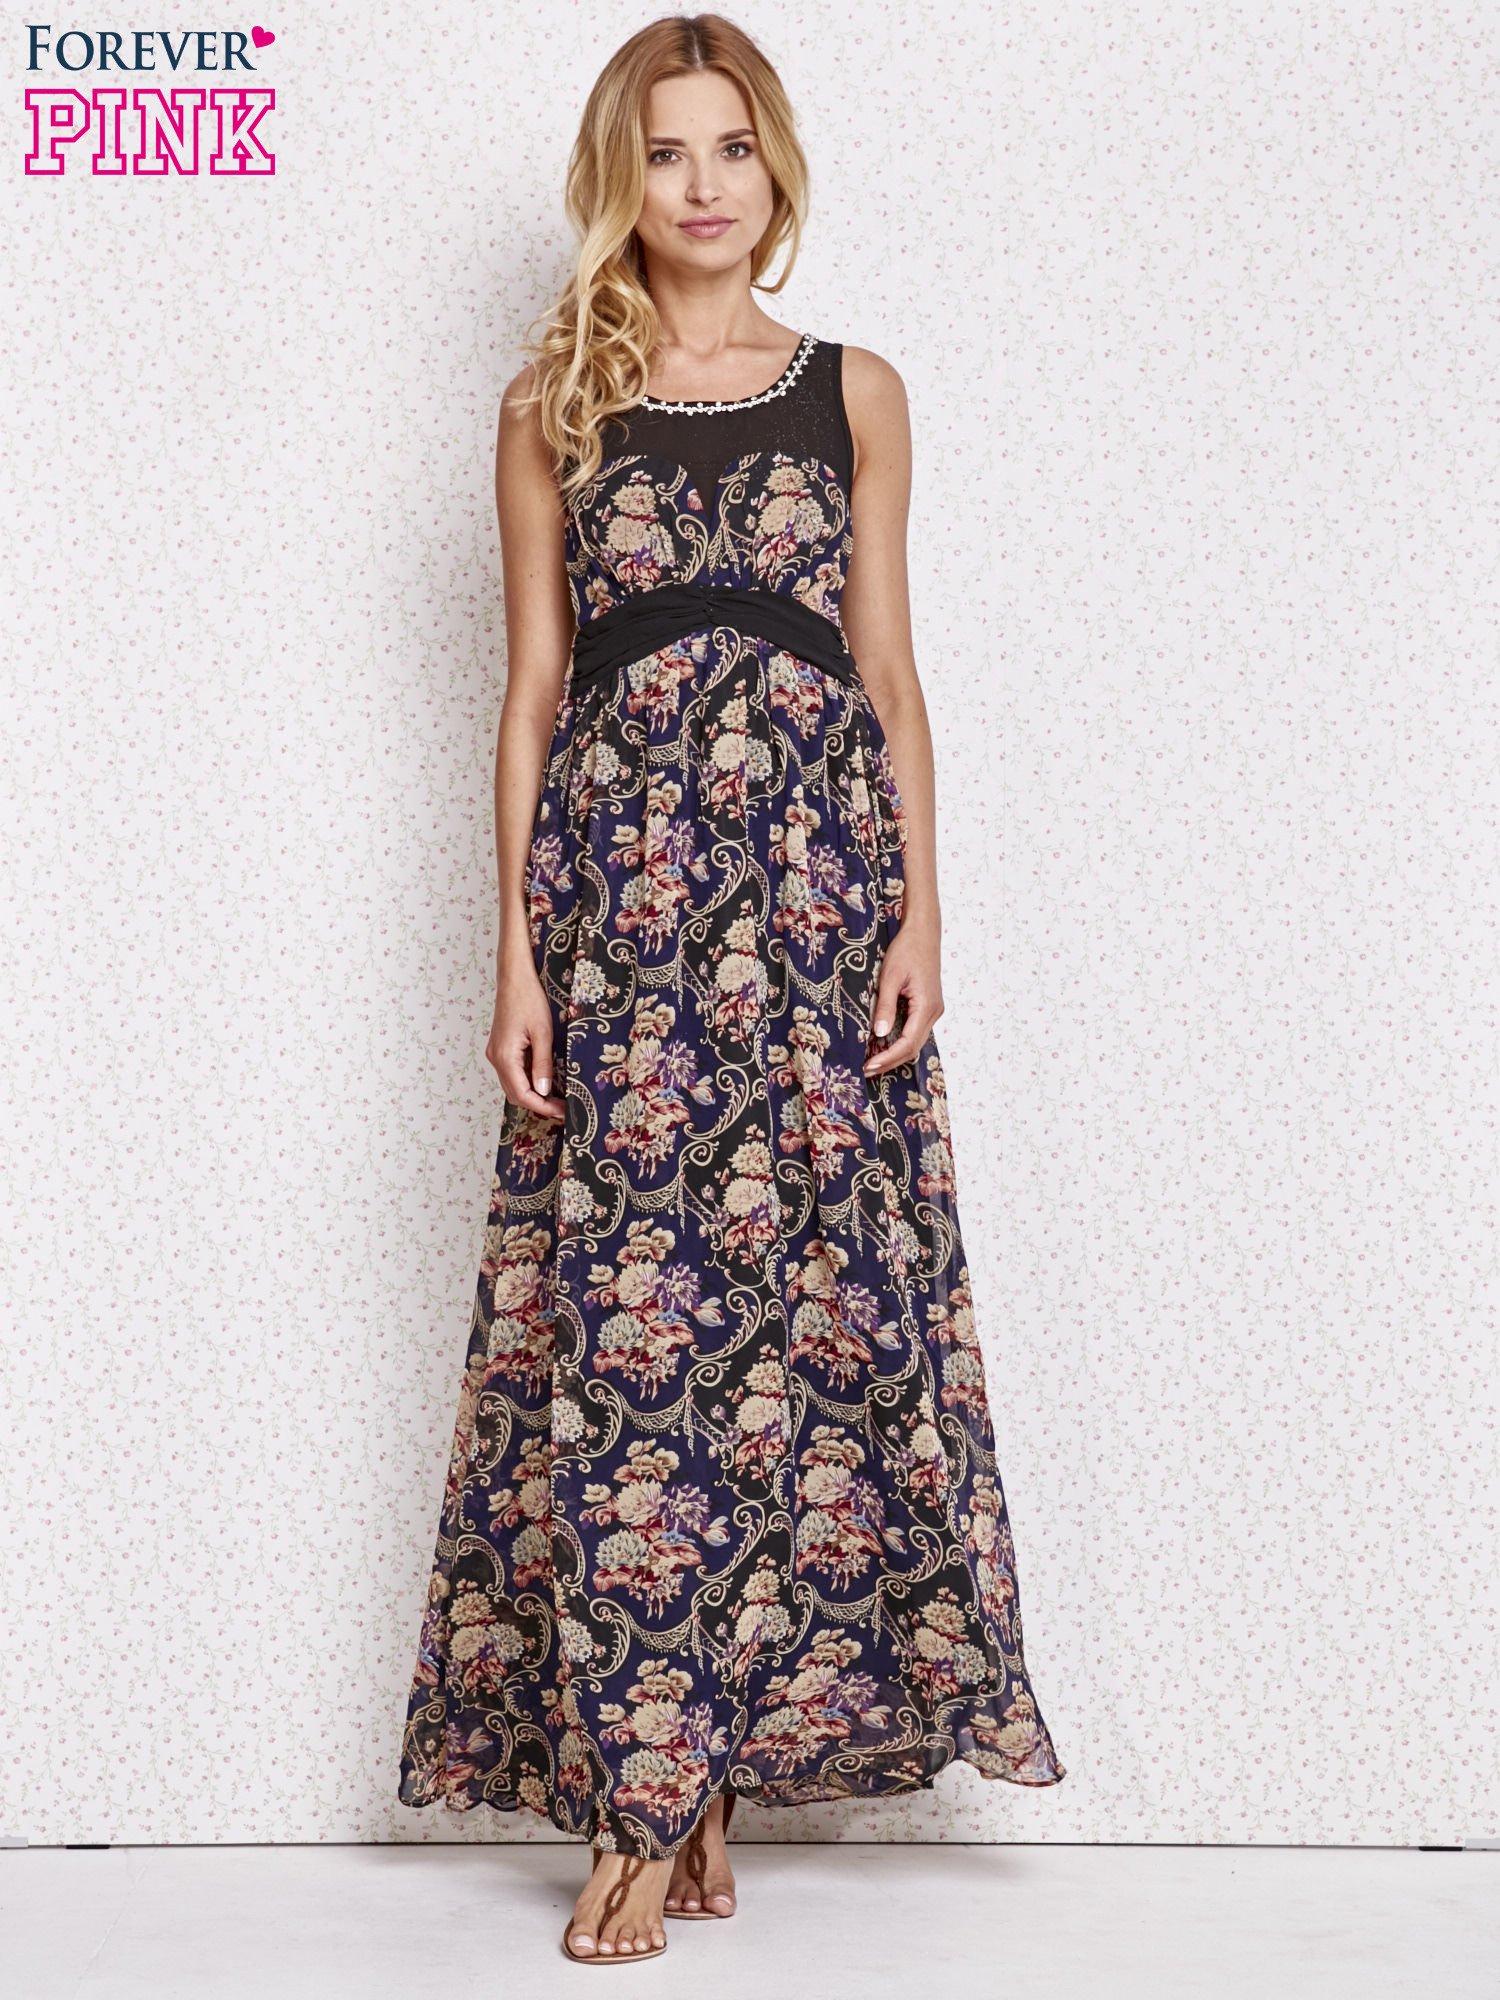 Fioletowa kwiatowa sukienka maxi z biżuteryjnym dekoltem                                  zdj.                                  4